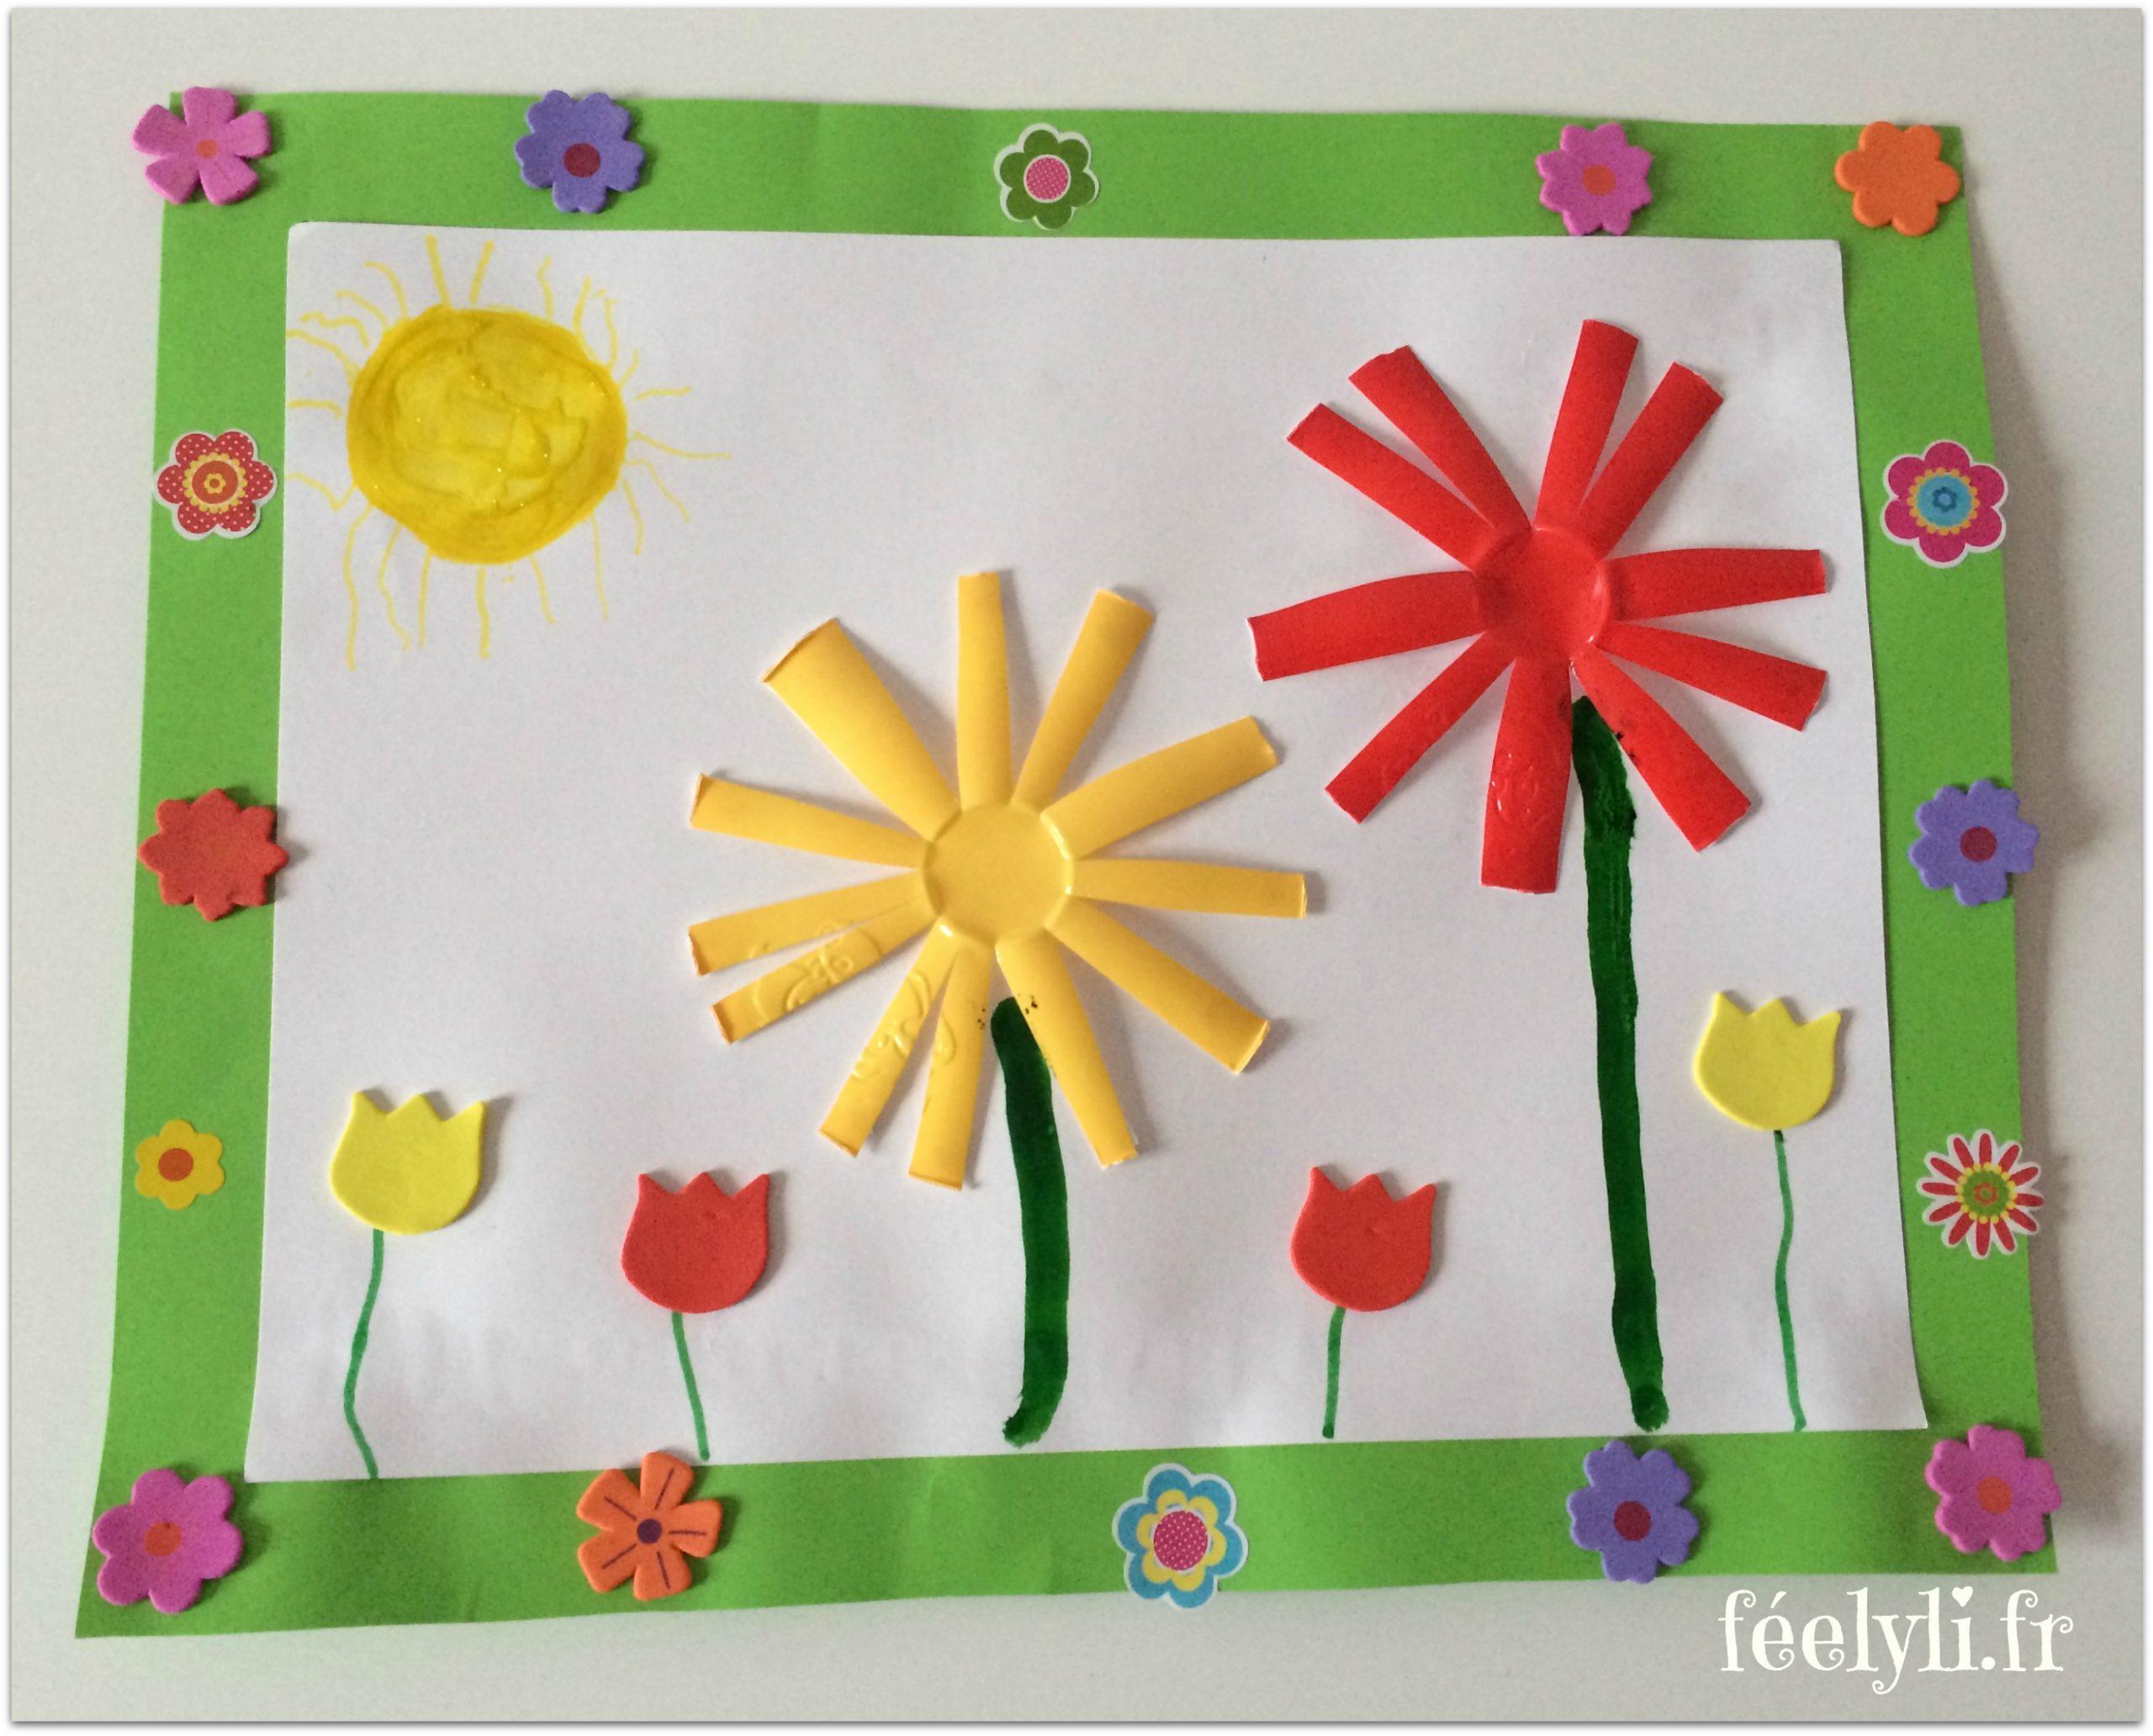 Diy : Son Joli Bouquet De Printemps Fait De Pompons (L'art serapportantà Activité Manuelle Enfant 4 Ans